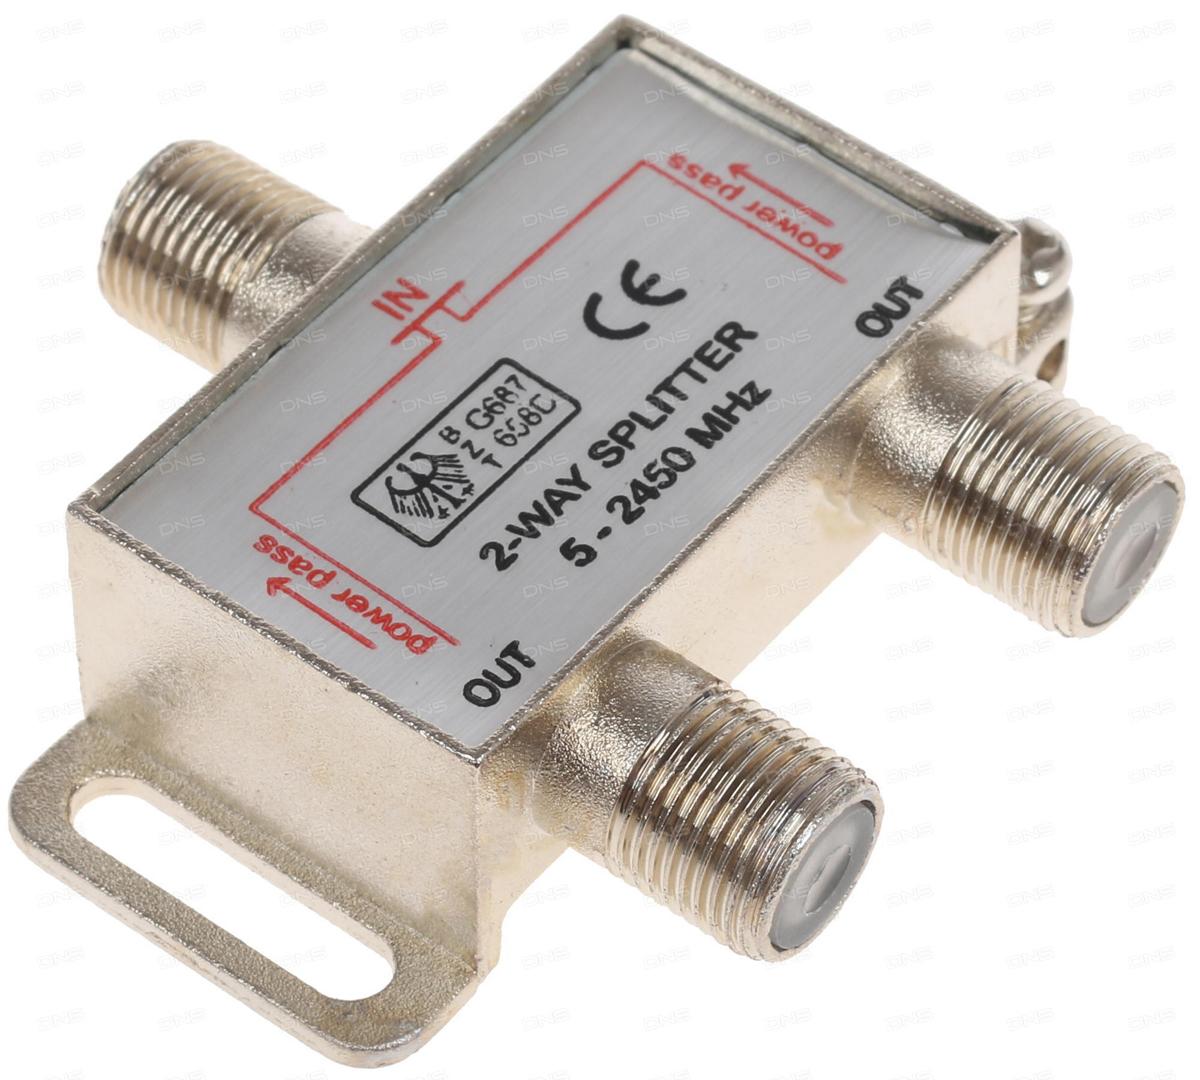 Pro Legend PL1105 сплиттер на 2 направления 5-1000 МГцPL1105Высококачественный сплиттер (разветвитель) с розетками под f-разъемы. Предназначен для разветвления высокочастотных (5-2500МГц) телевизионных (RF/AV/TV) сигналов с одного источника на 2 направления.